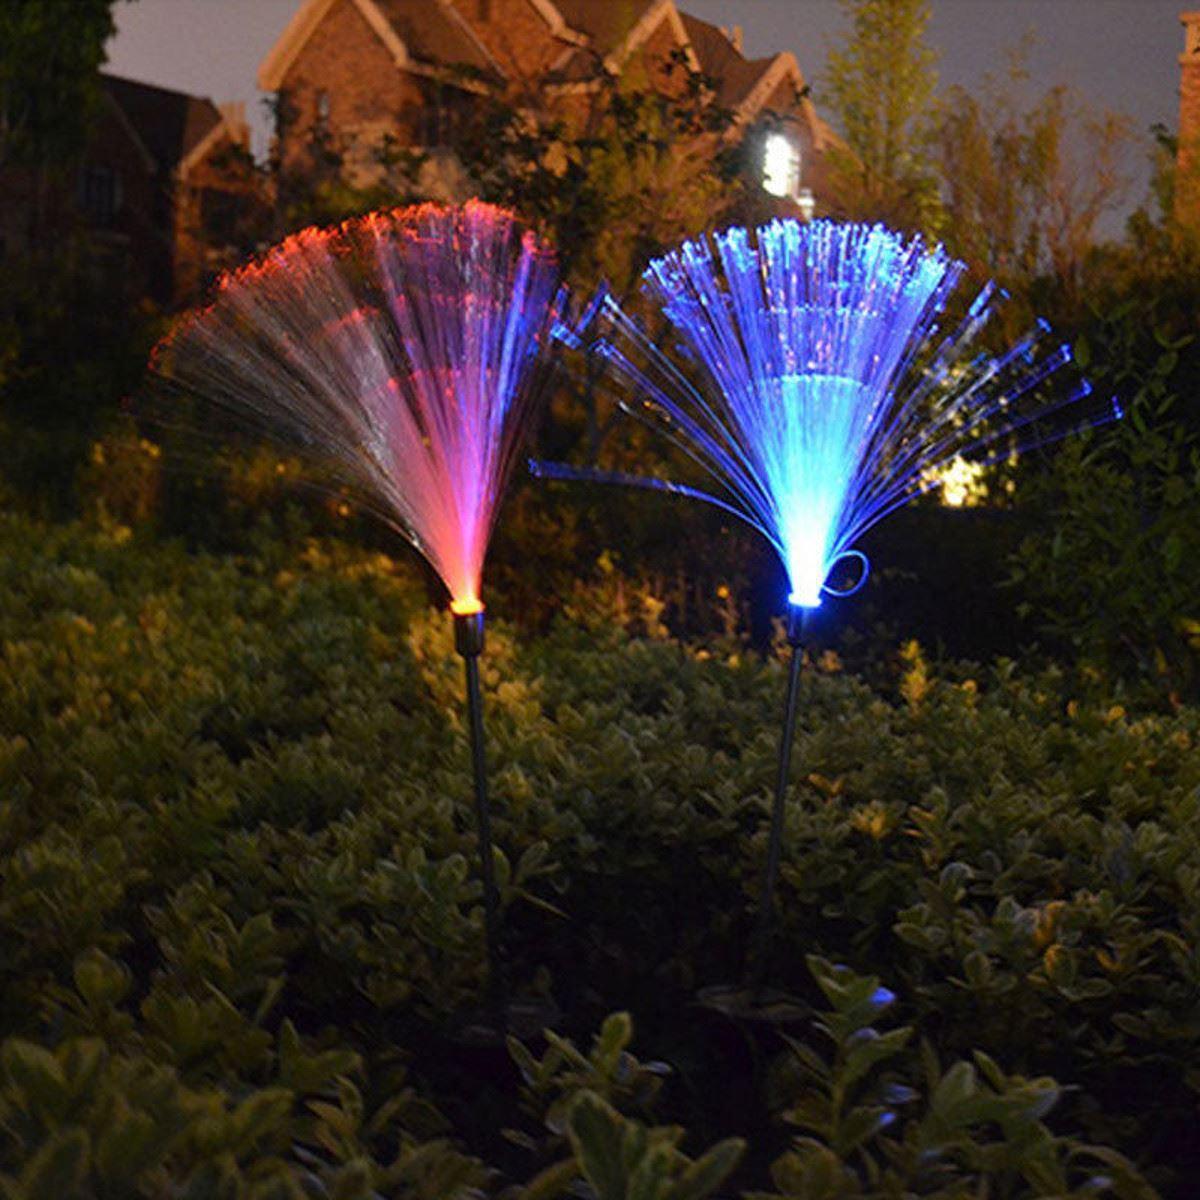 Solarbetriebene Außen Fiber Optic Beleuchtung Farbwechsel LED Garten Rasen mit Batterie für Outdoor-Yard Nacht Dekoration